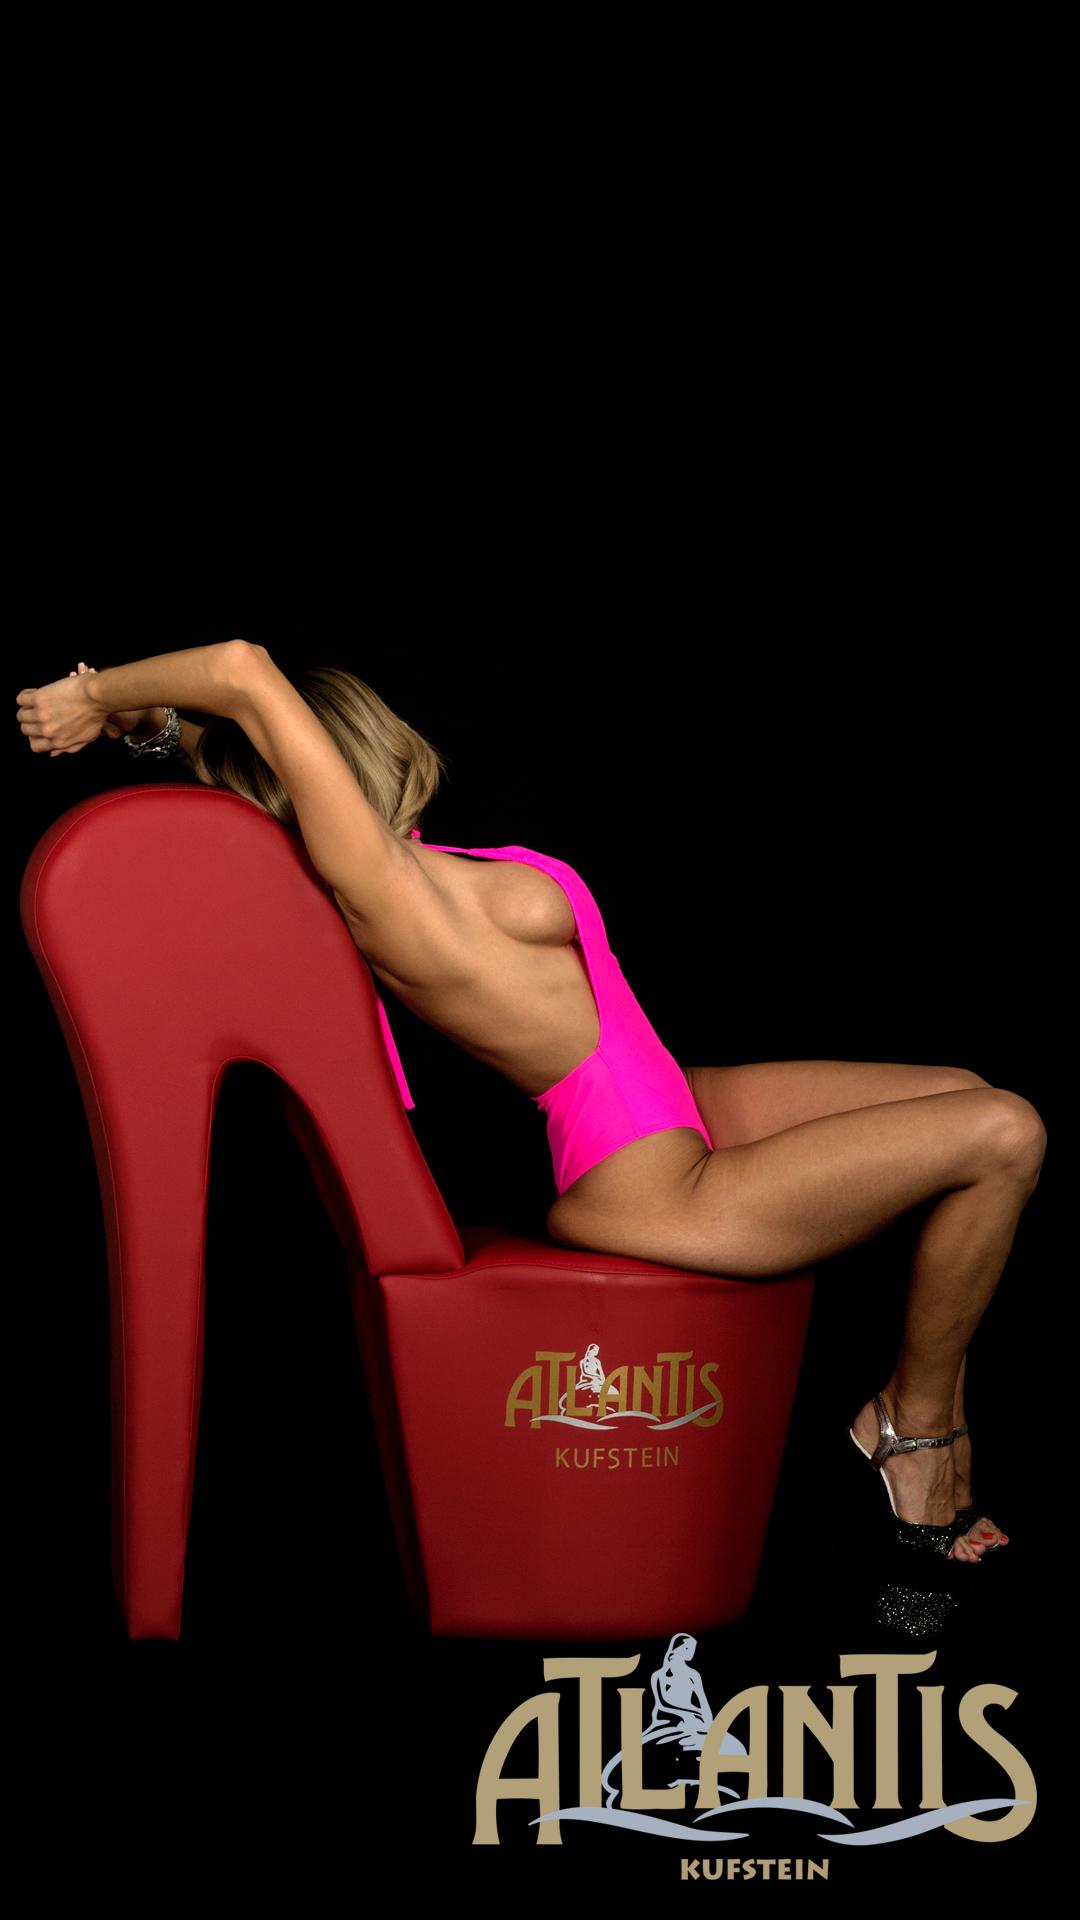 Ivana unser Topmodel aus dem Atlantis